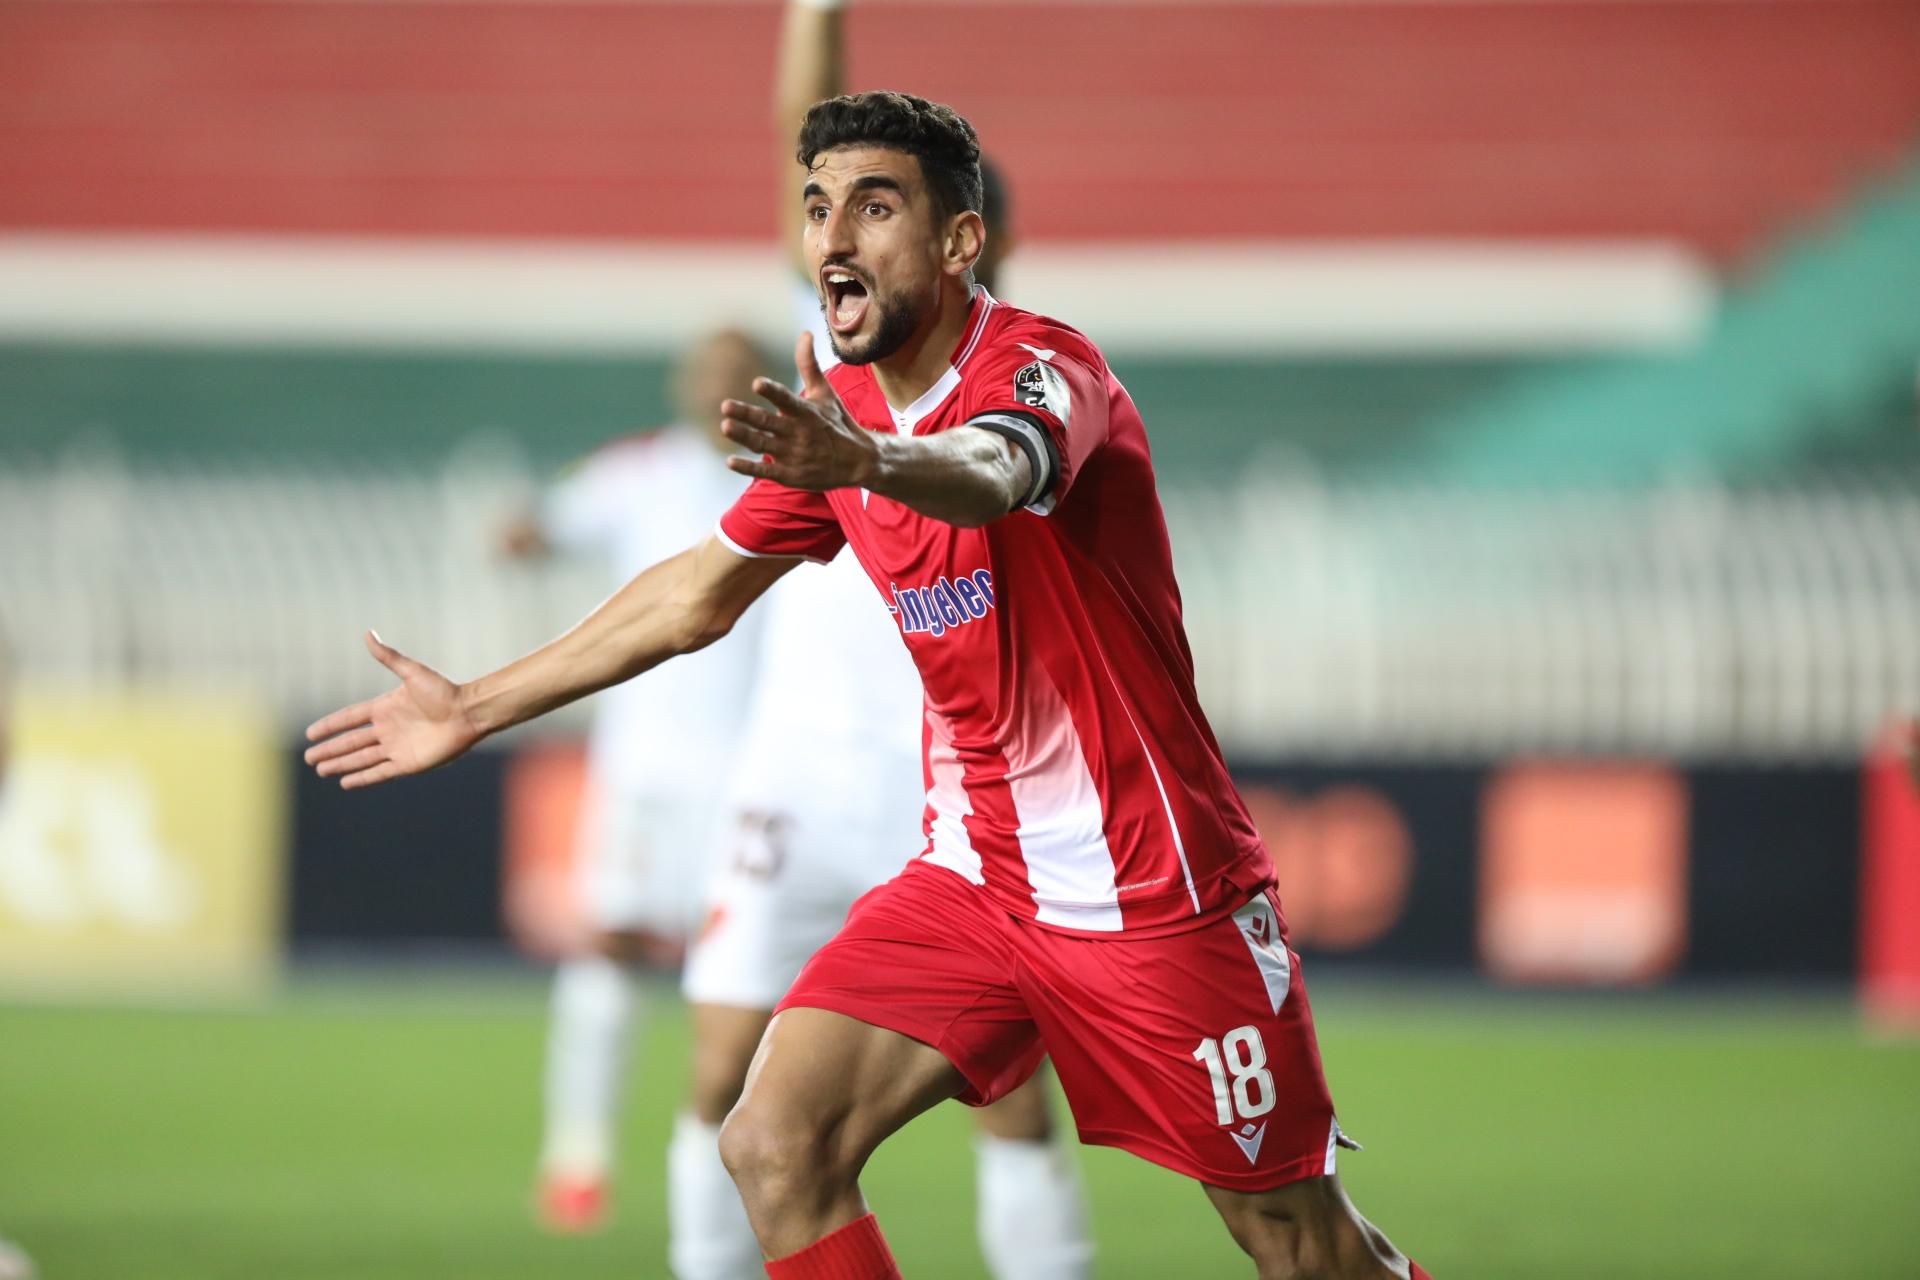 ربع نهائي 'الأبطال' | الوداد يفرض التعادل على المولودية الجزائرية بملعب 5 جويليه